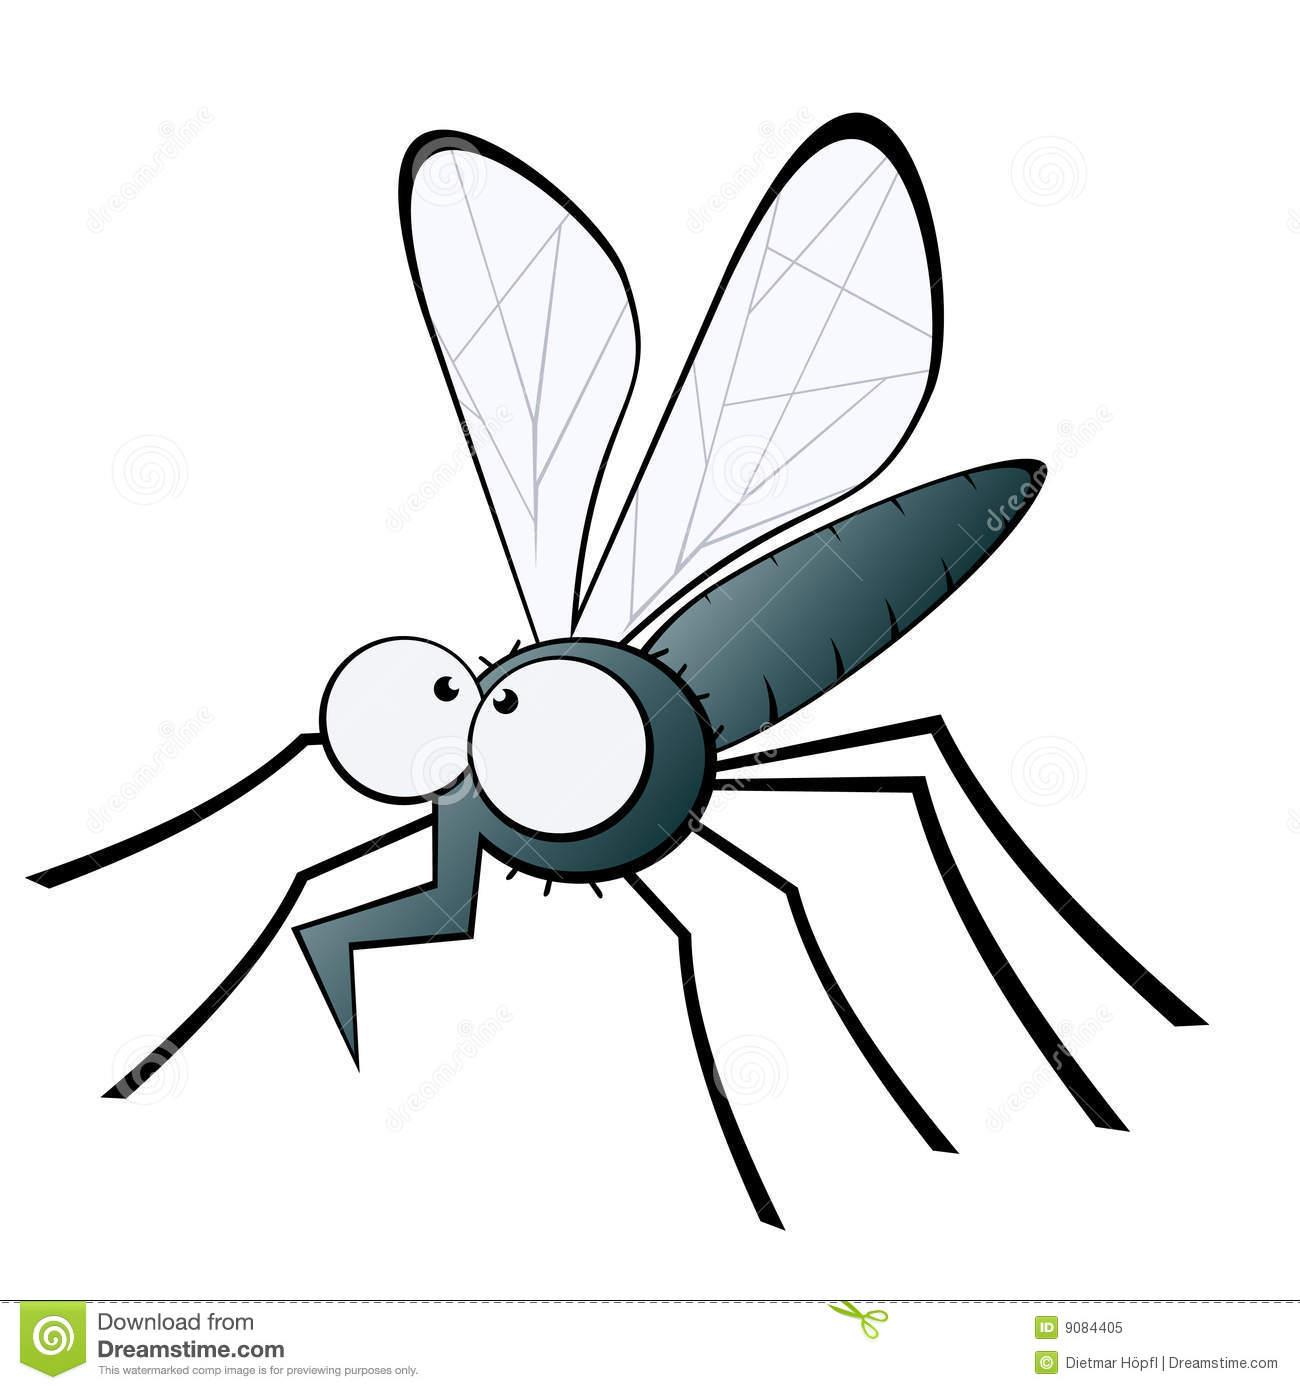 Mosquito clipart gnat, Mosquito gnat Transparent FREE for.